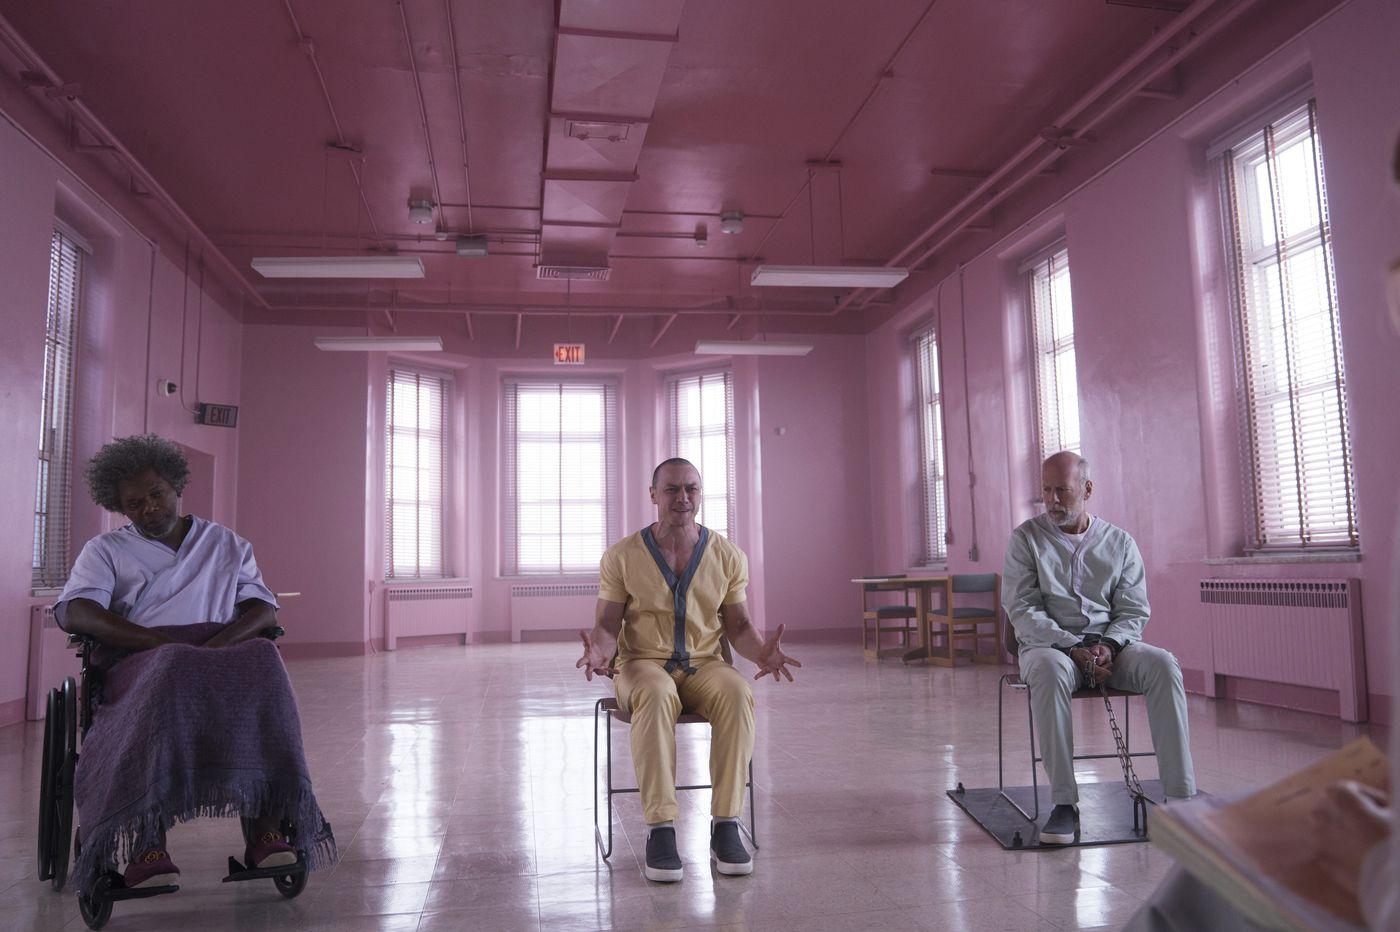 M. Night Shyamalan releases new trailer for Philly-filmed 'Glass'